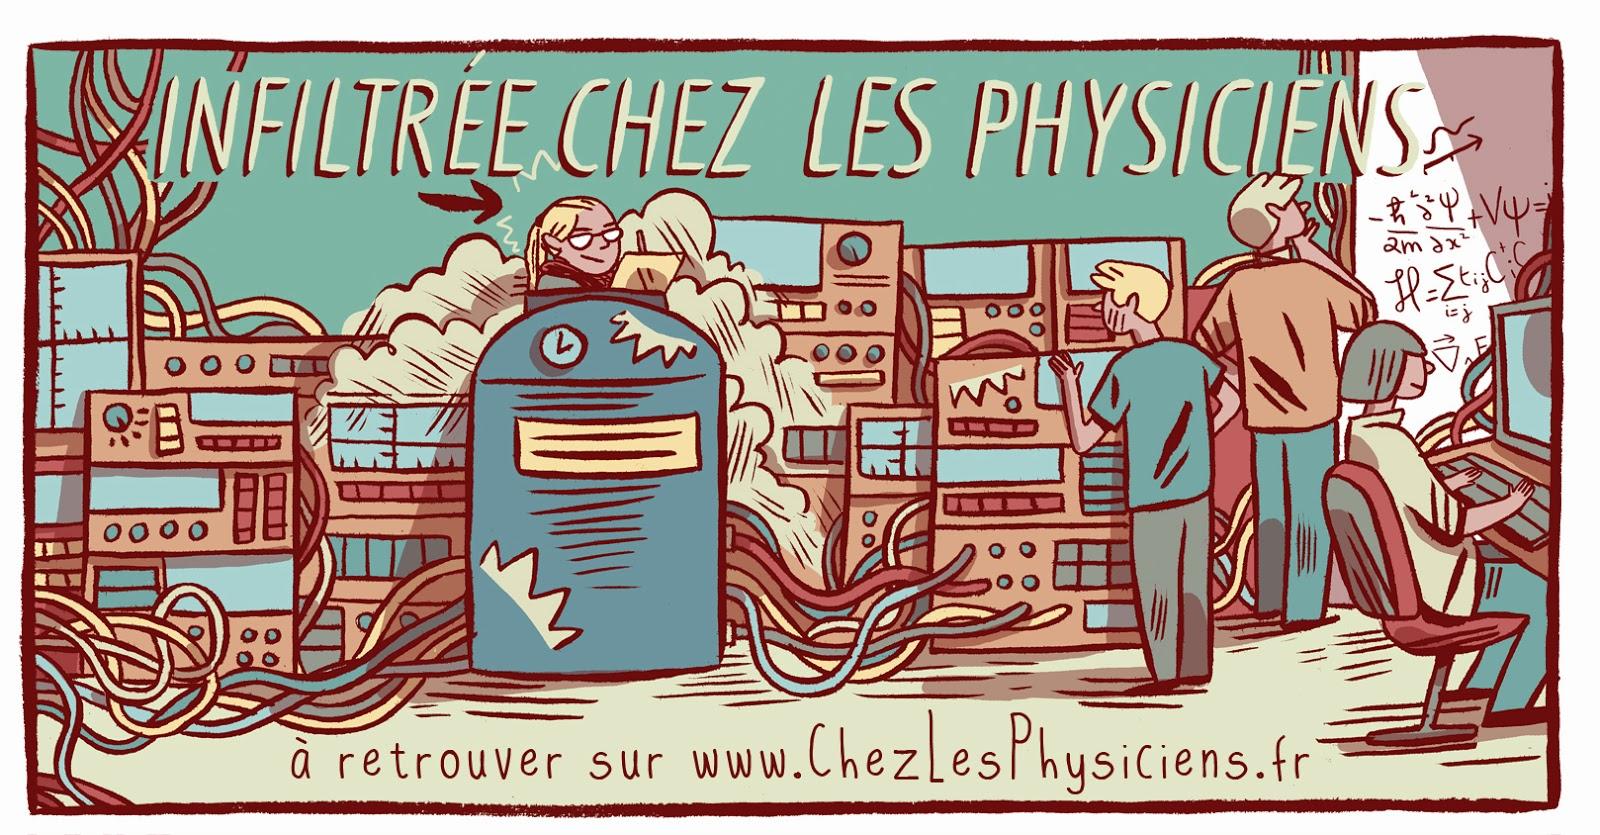 www.chez les physiciens.fr